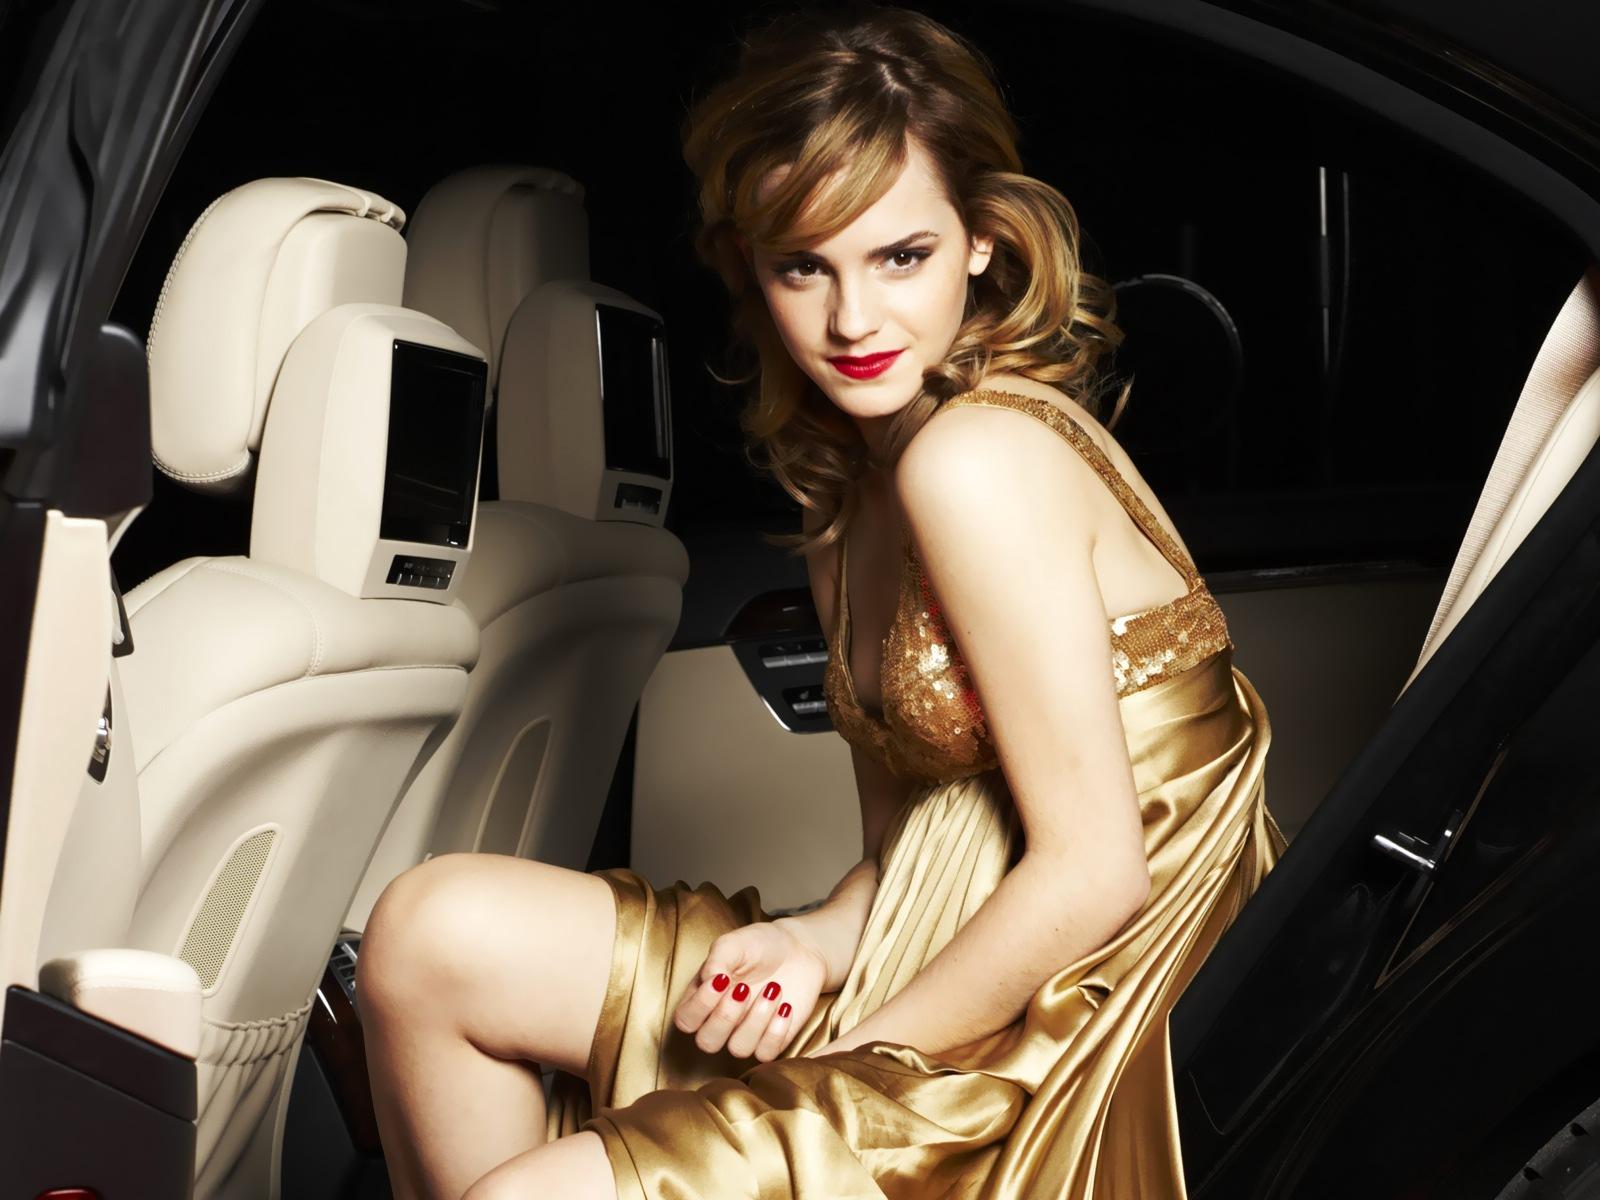 Beautiful Emma Watson Hot HD Image